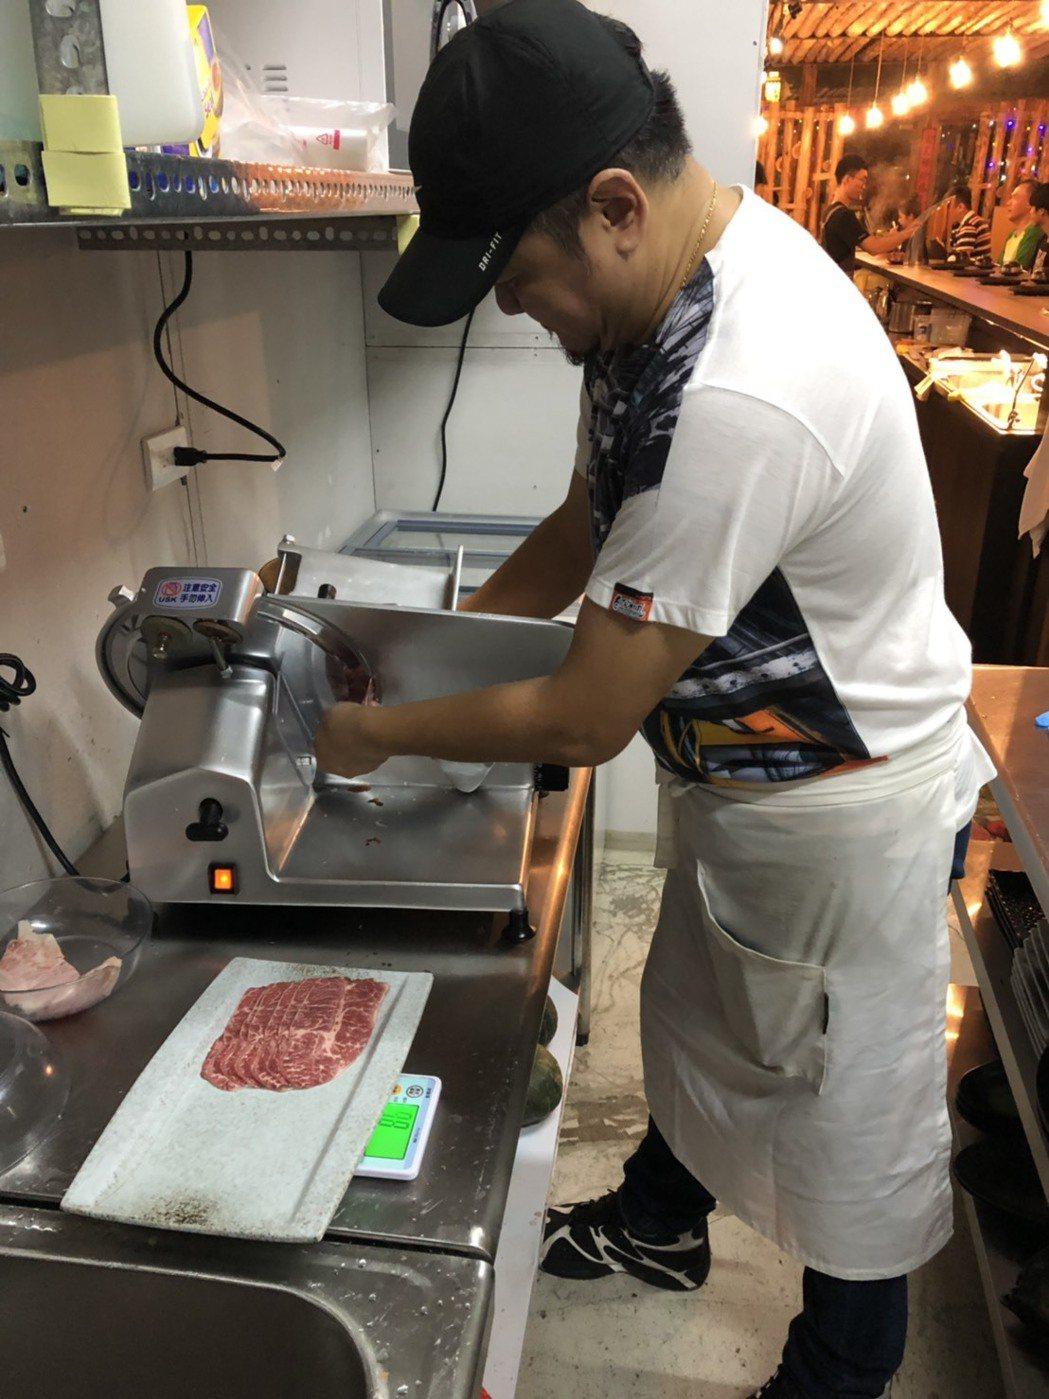 傅治國於2004年在新竹市開立「黑食堂」居酒屋,經15年的洗禮,搭配出沾醬、拌麵...